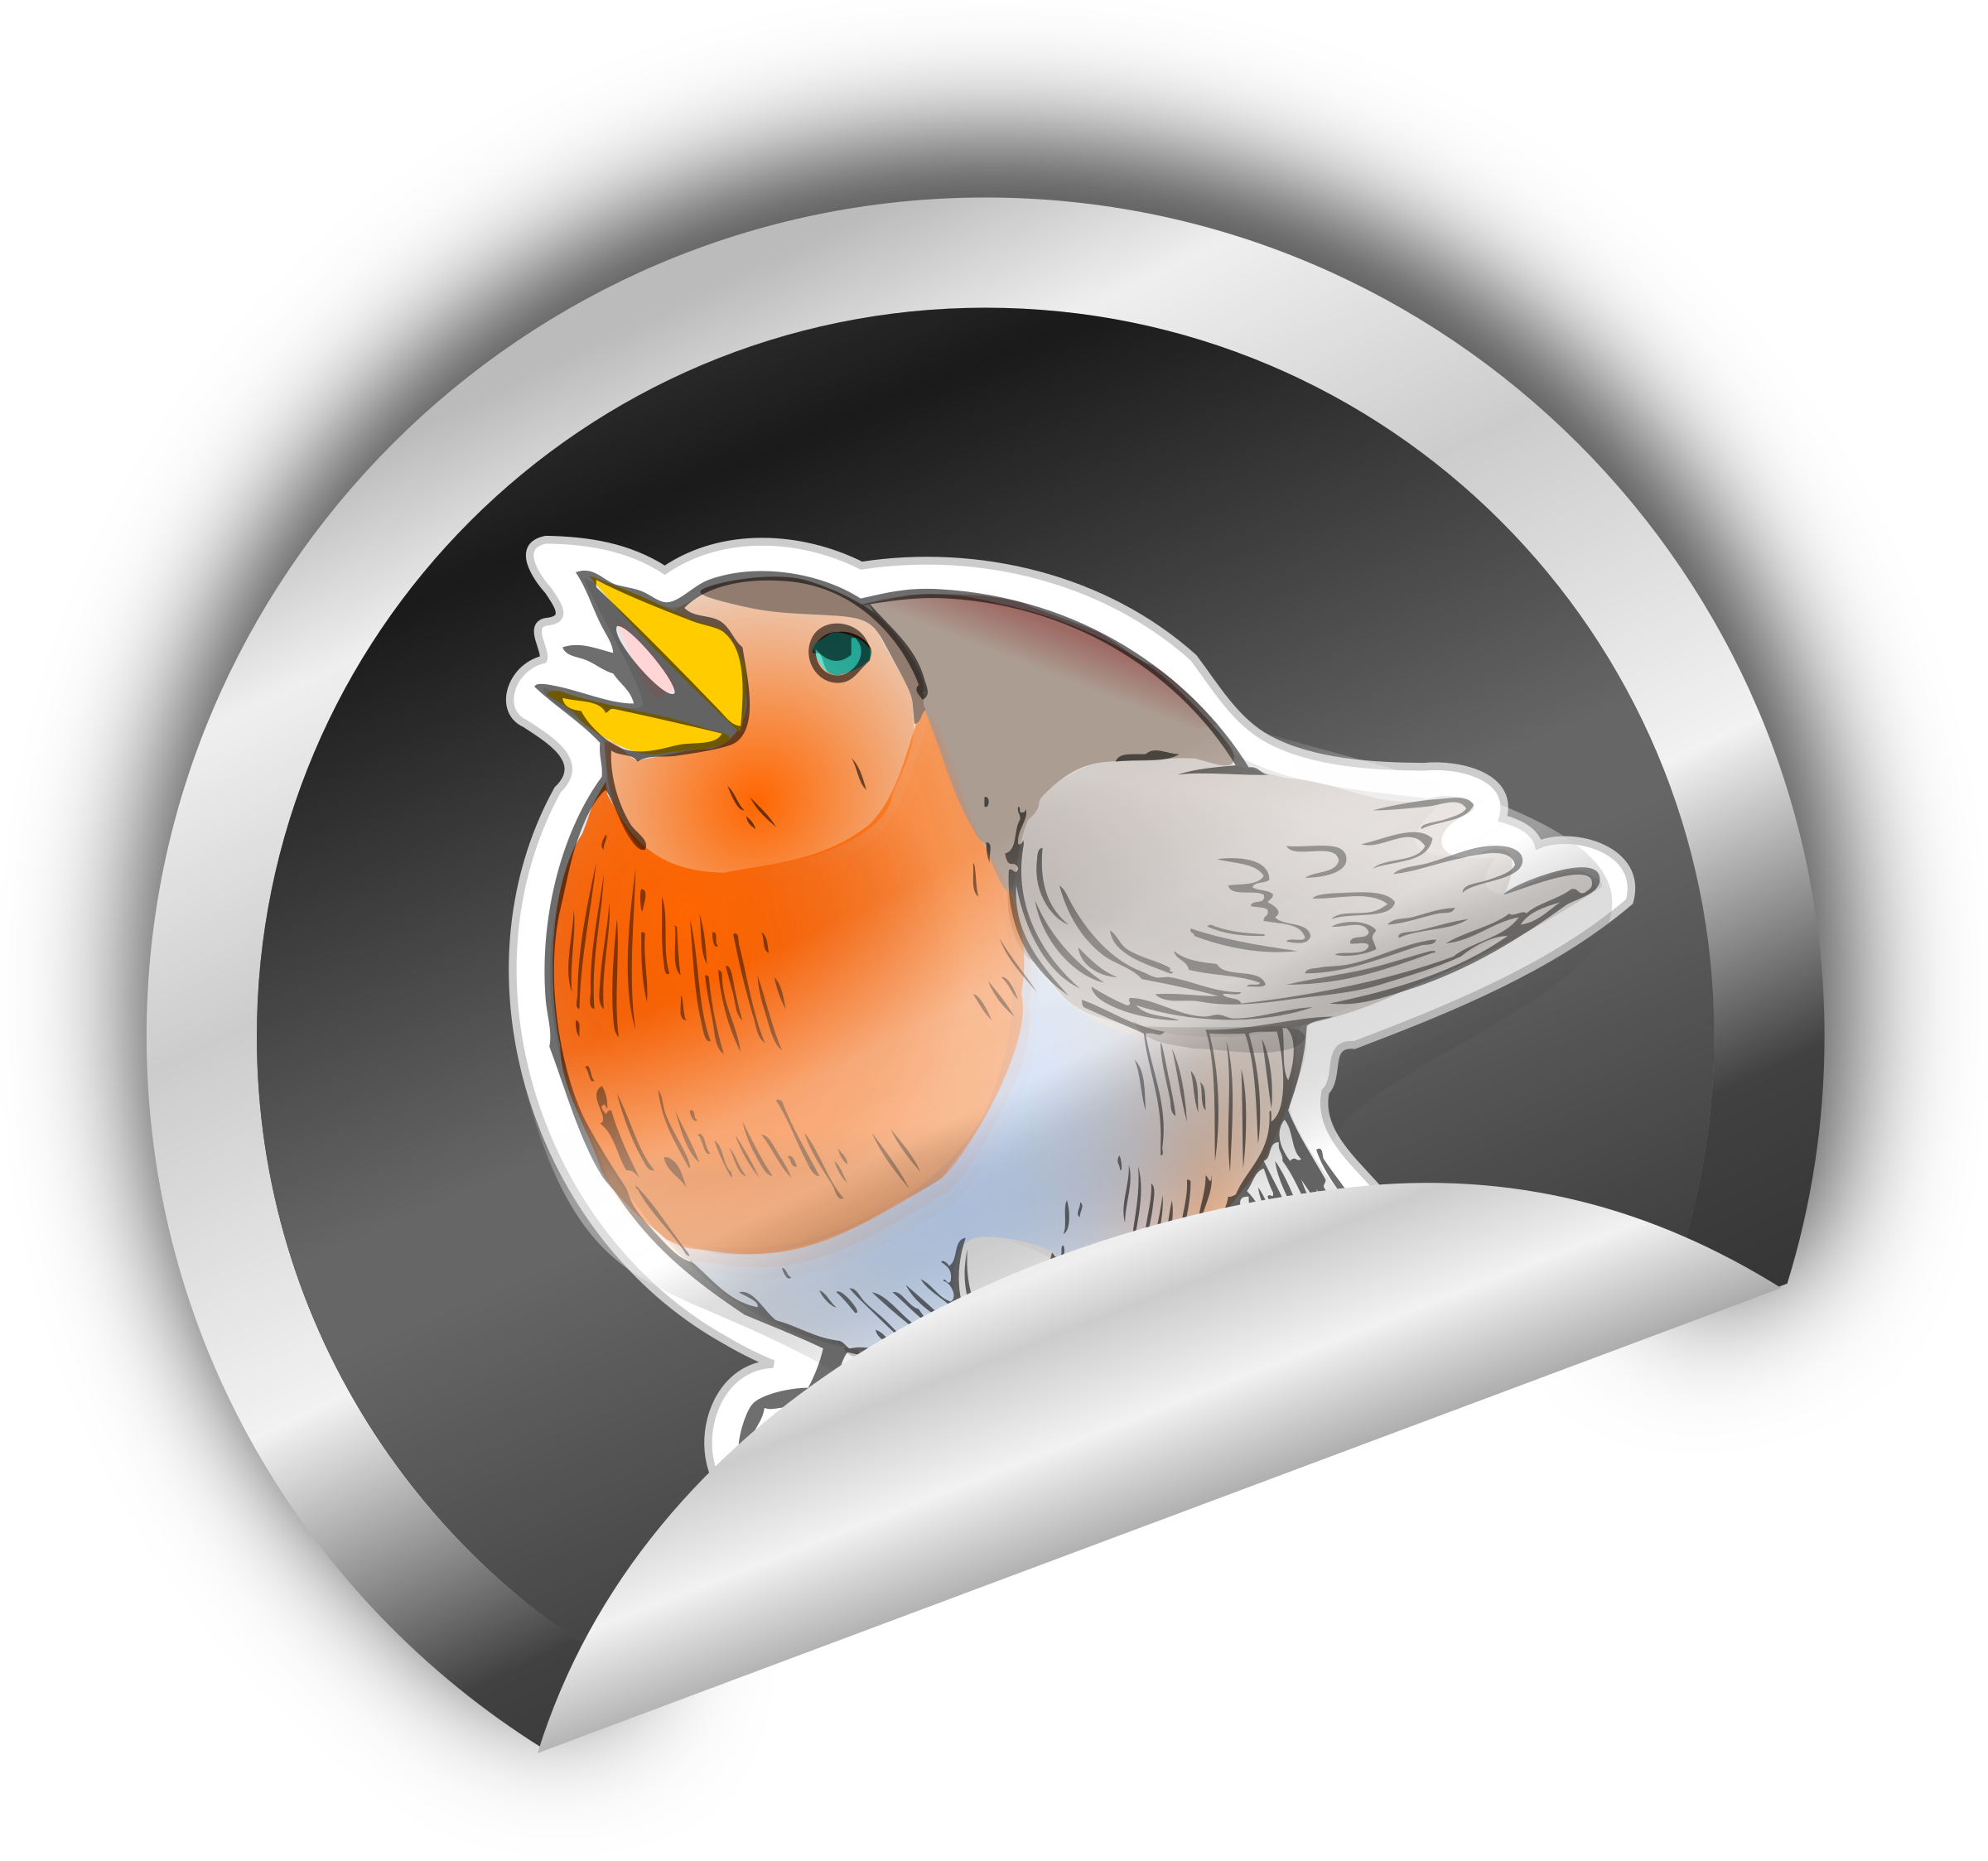 round robin Round robin(中文翻译为轮询调度)是一种以轮询的方式依次将一个域名解析到多个ip地址的调度不同服务器的计算方法.